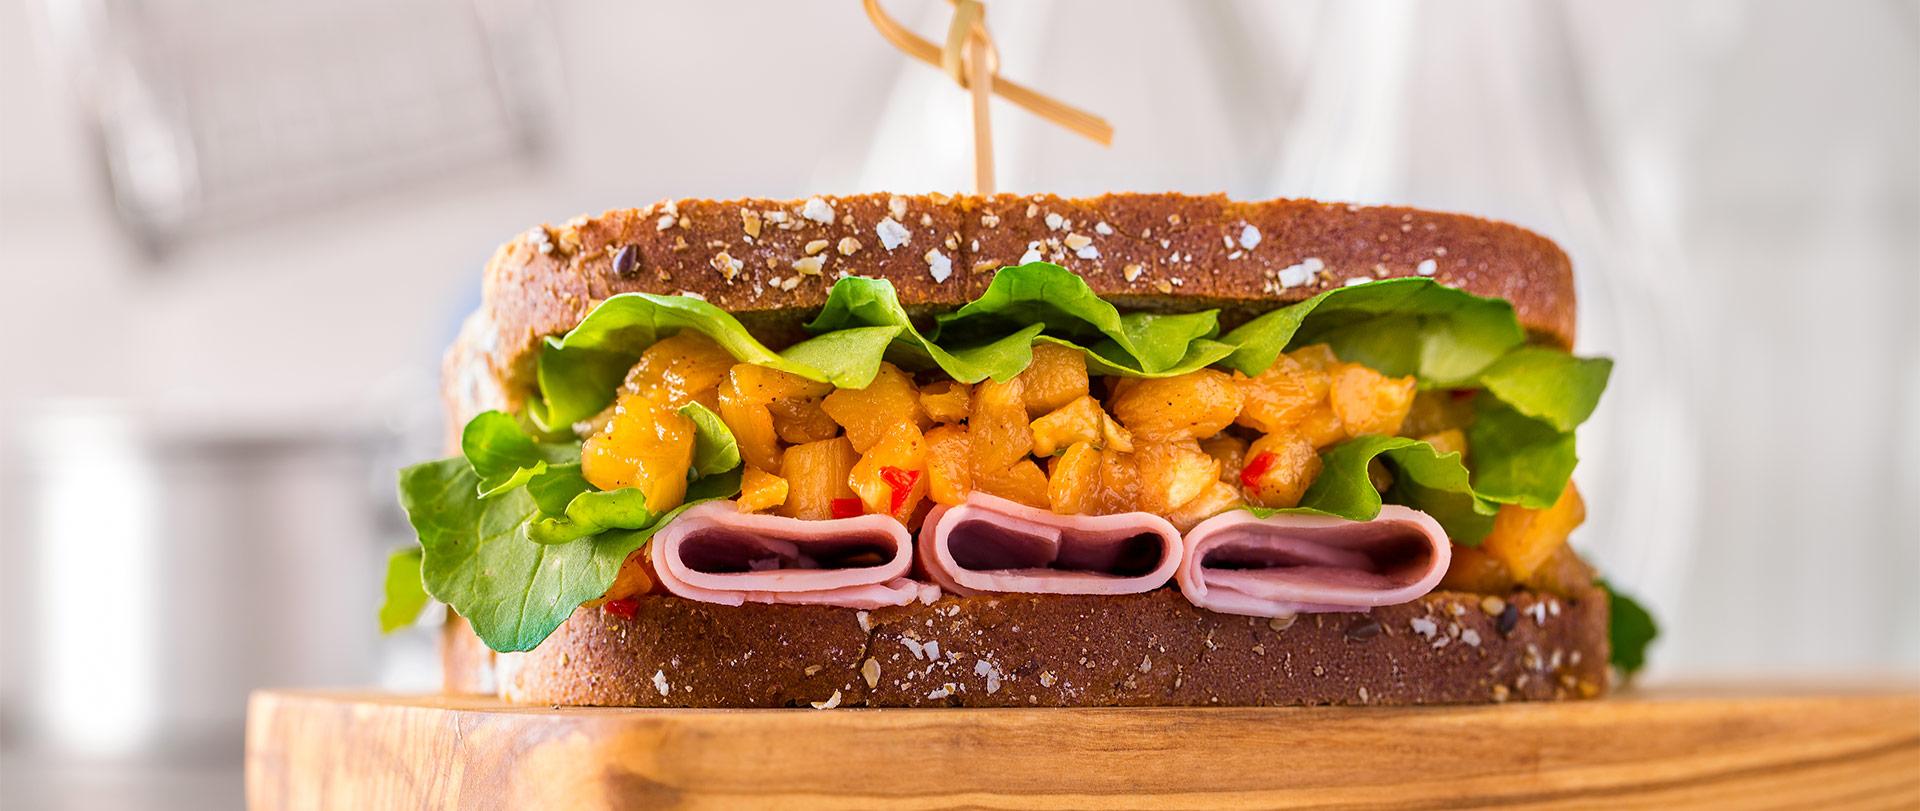 Sanduíche de presunto com chutney de abacaxi e rúcula